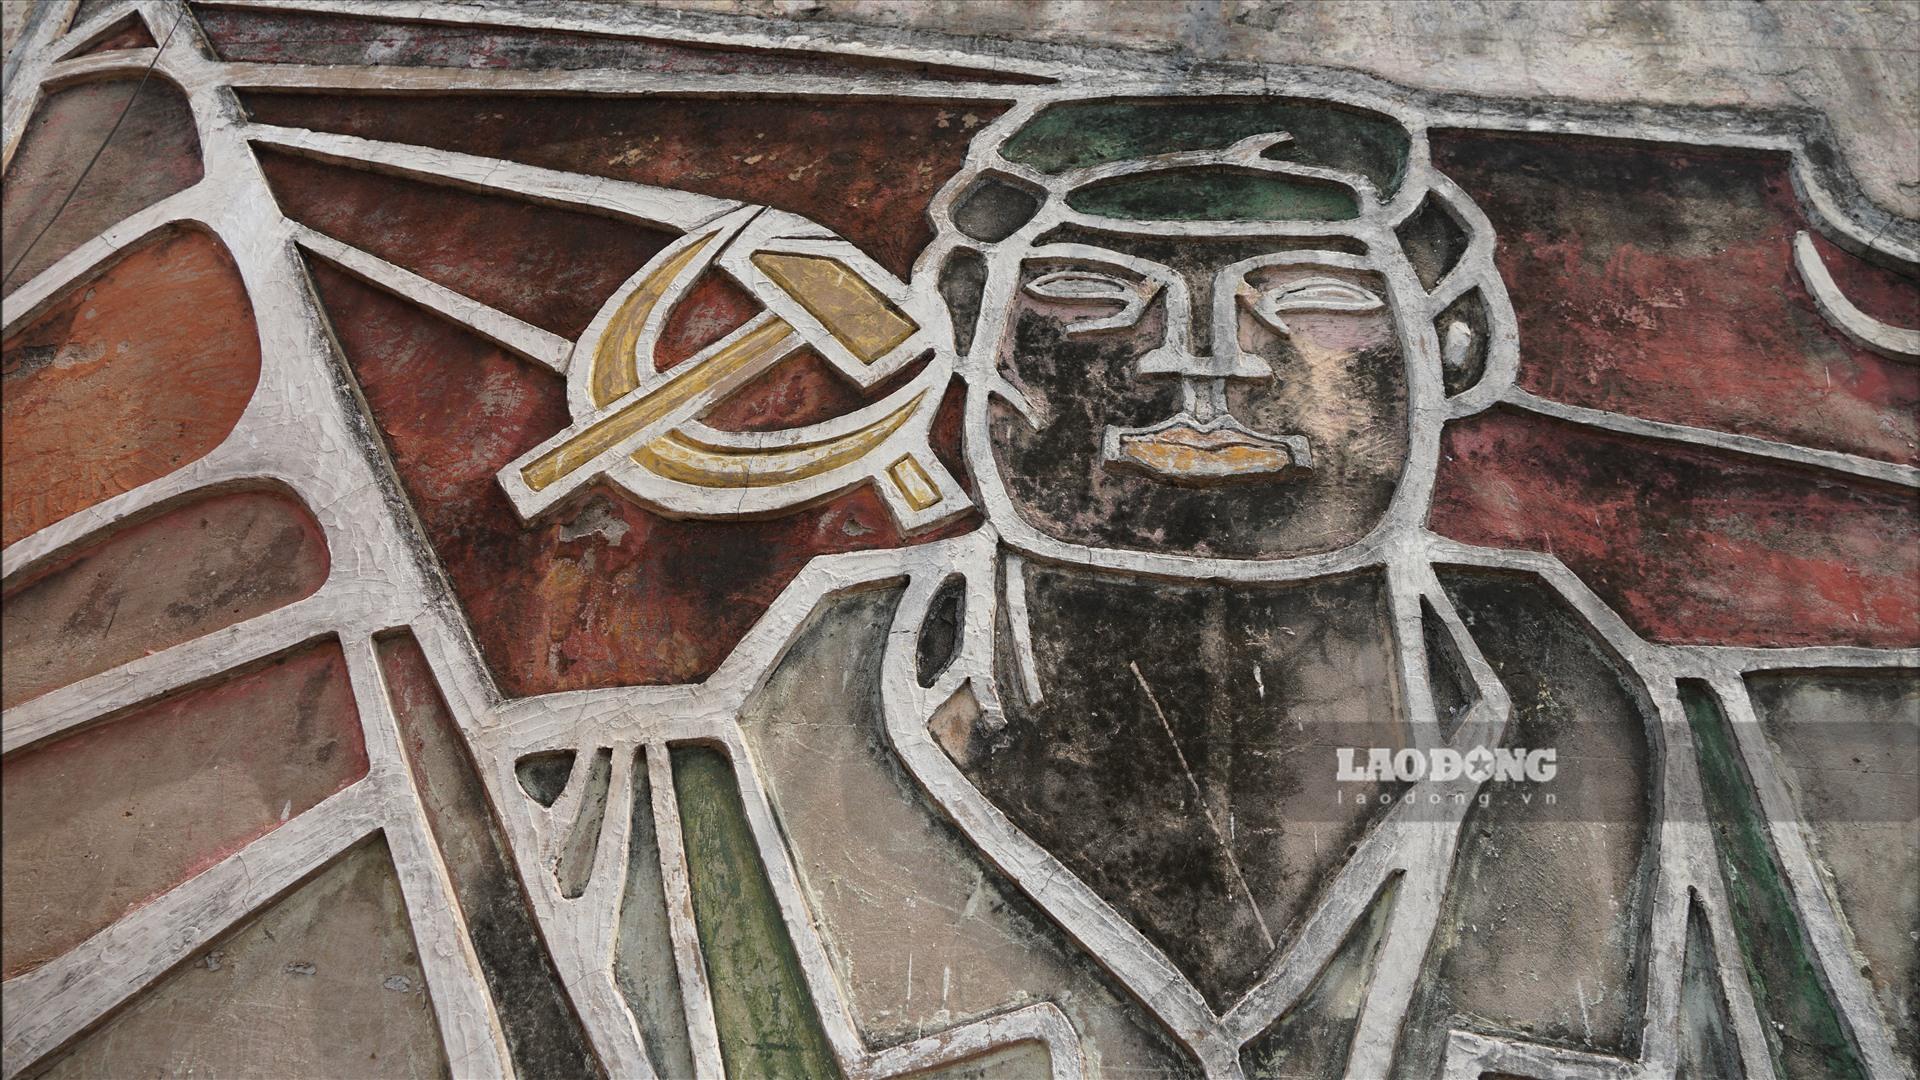 Bức phù điêu quý này là tác phẩm của hoạ sĩ tranh cổ động Trường Sinh, được thực hiện vào những năm 80 của thế kỉ trước. Tác phẩm nguyên bản gồm hai mặt khác nhau, một mặt được thực hiện bằng kĩ thuật ghép gốm, một mặt là bức phù điêu về sự đoàn kết Công - Nông - Trí.